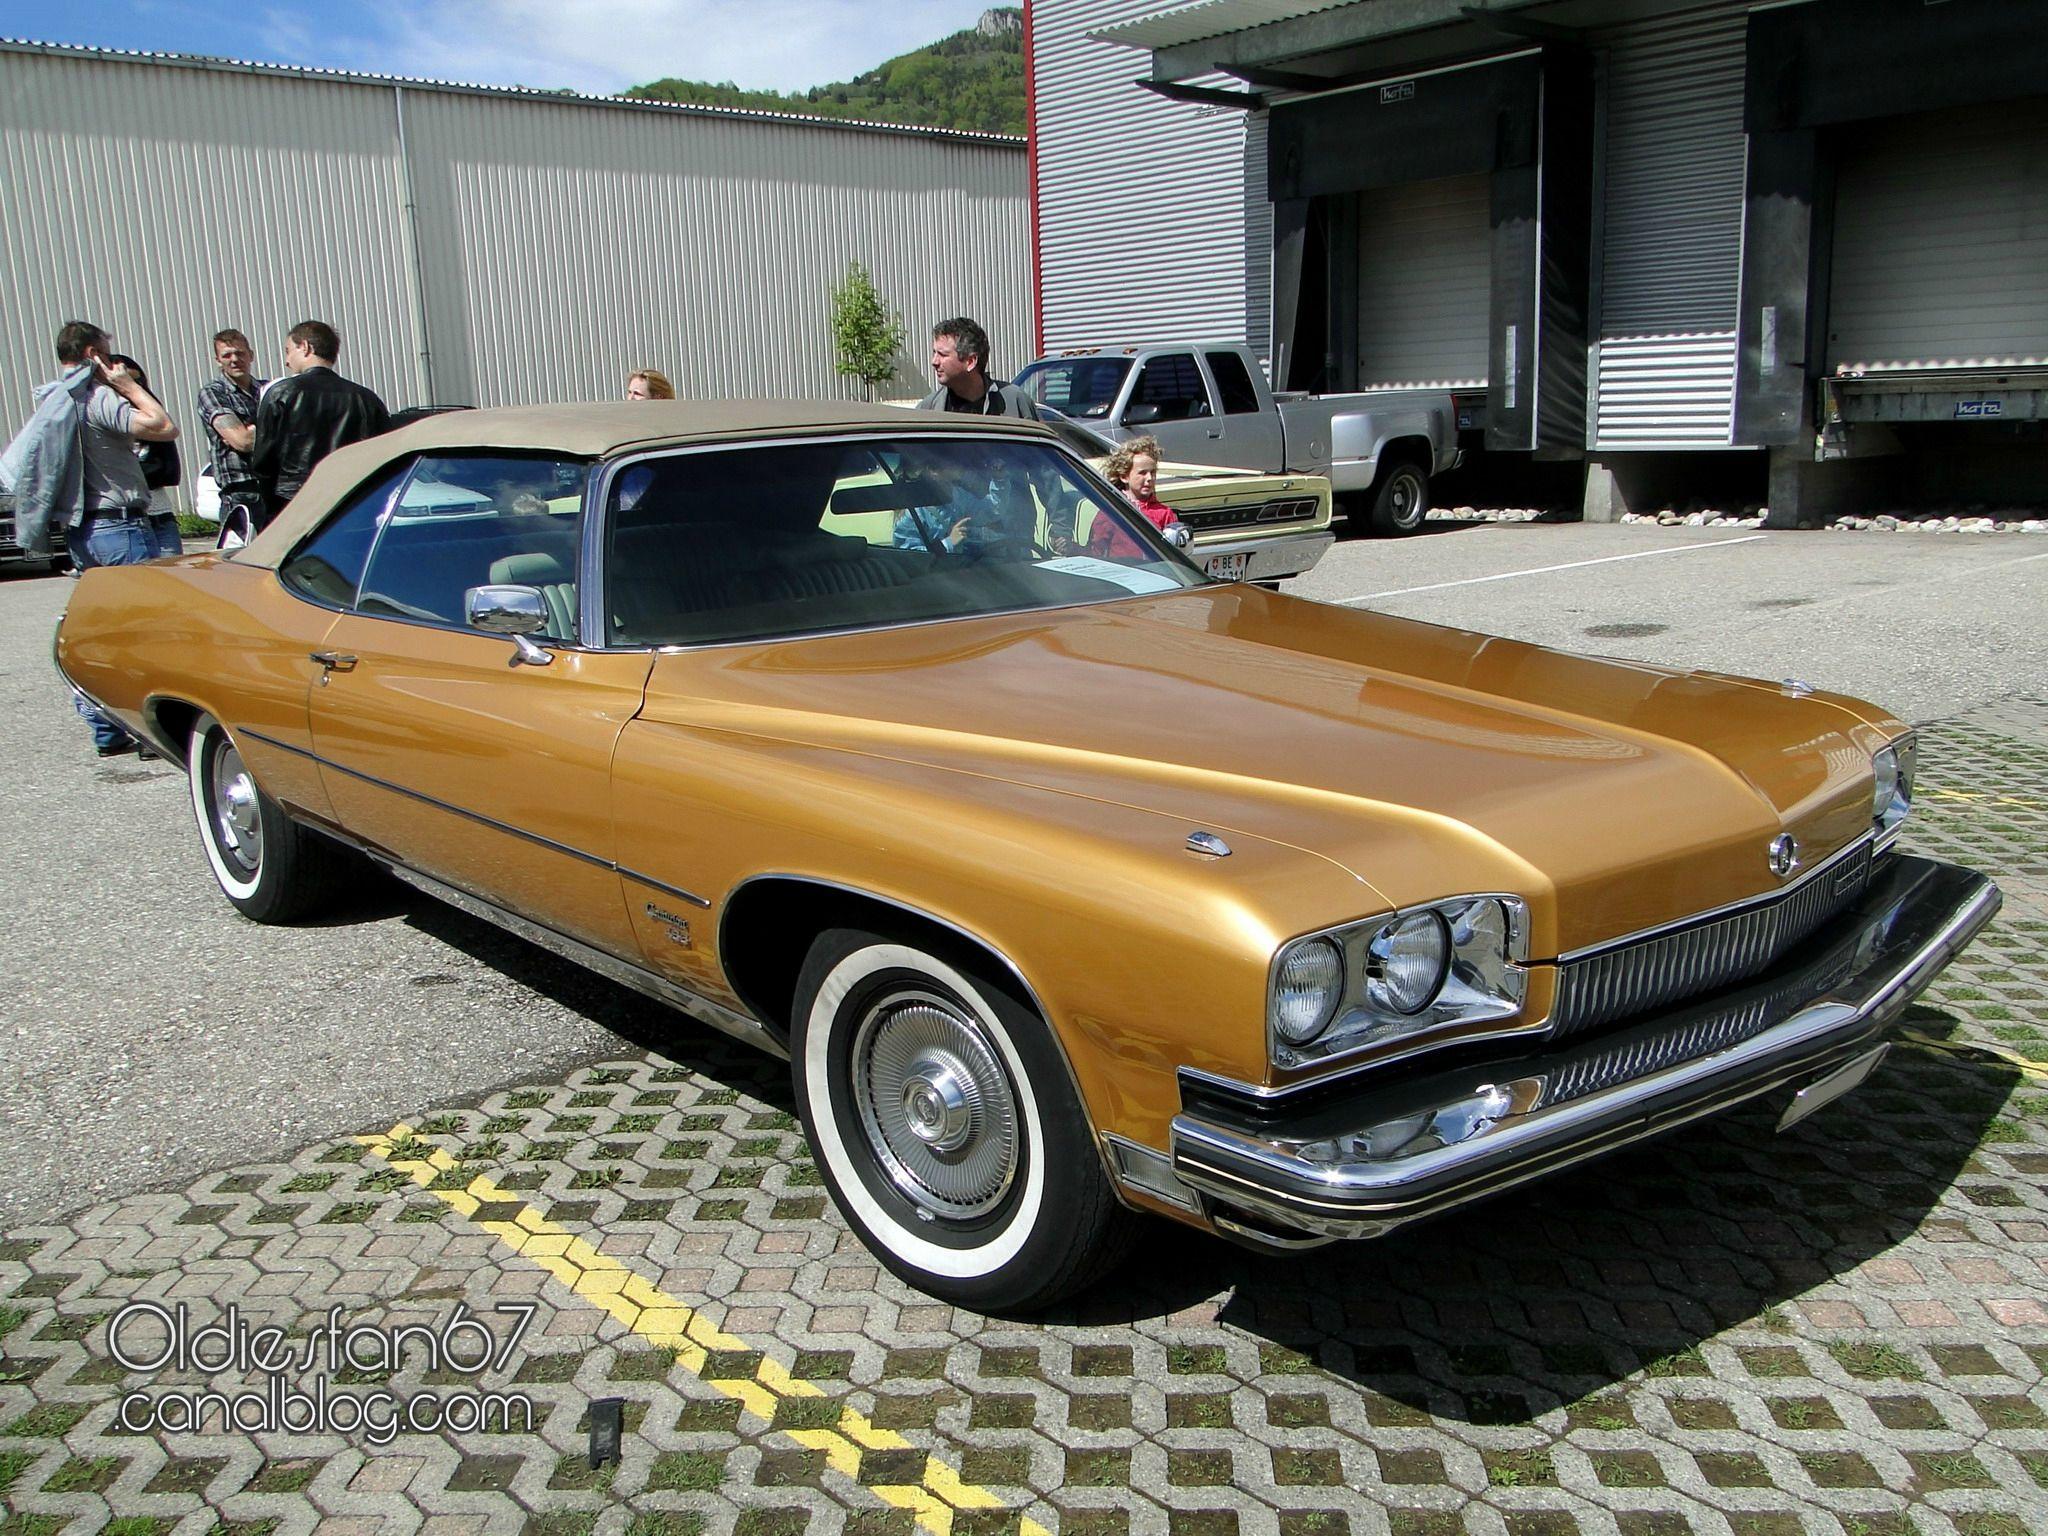 1973 buick century | Buick Century et Centurion : Tous les messages sur Buick Century et ...